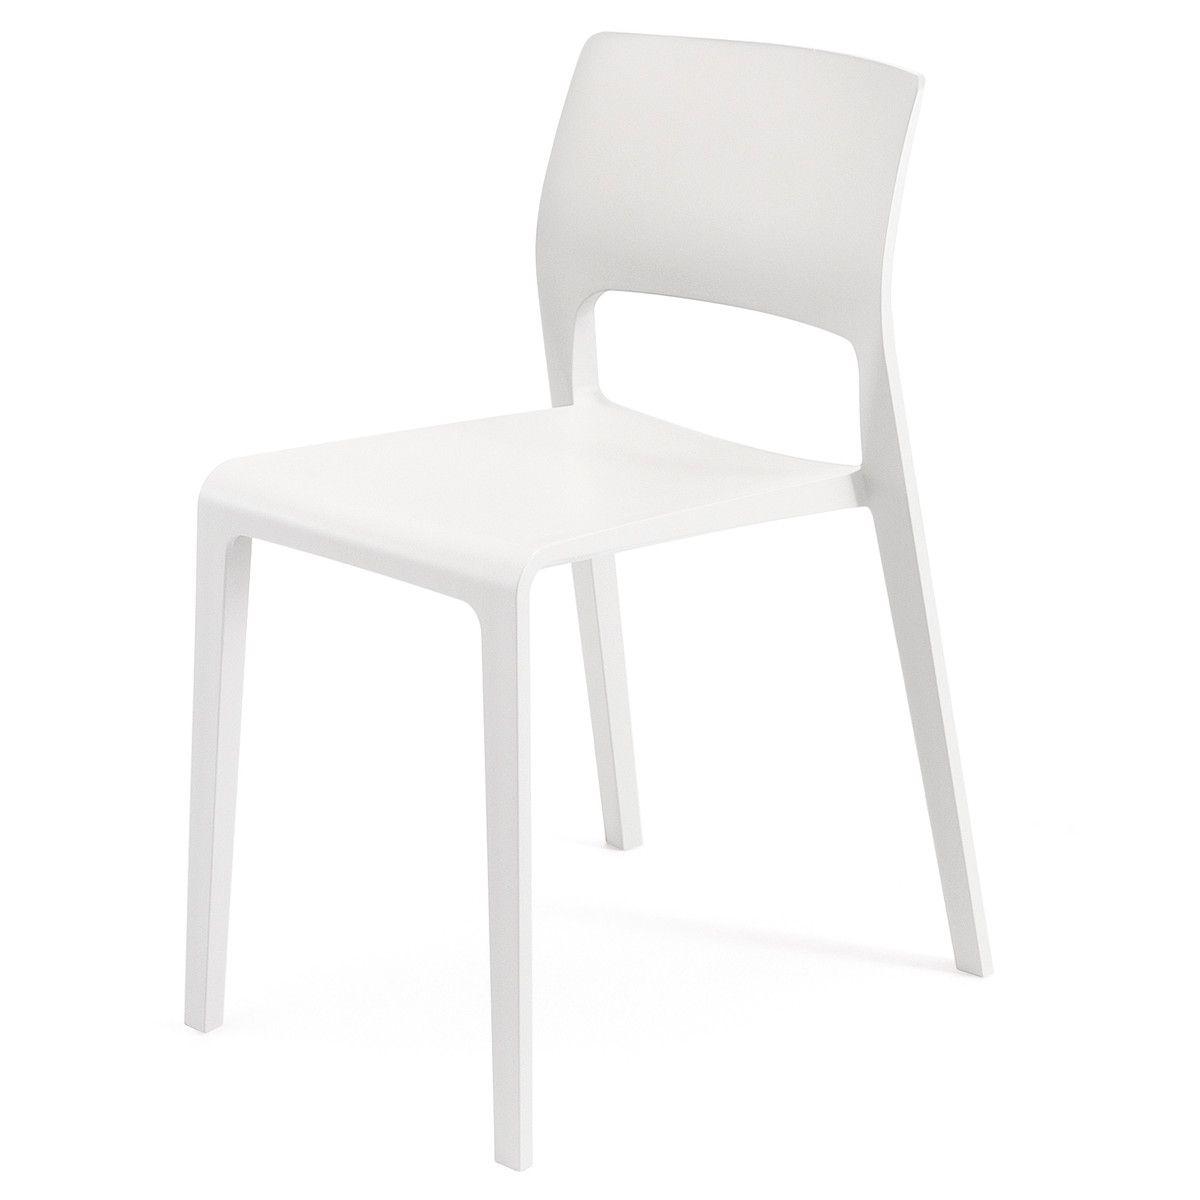 Juno Stuhl von Arper im Stühle, Wohn